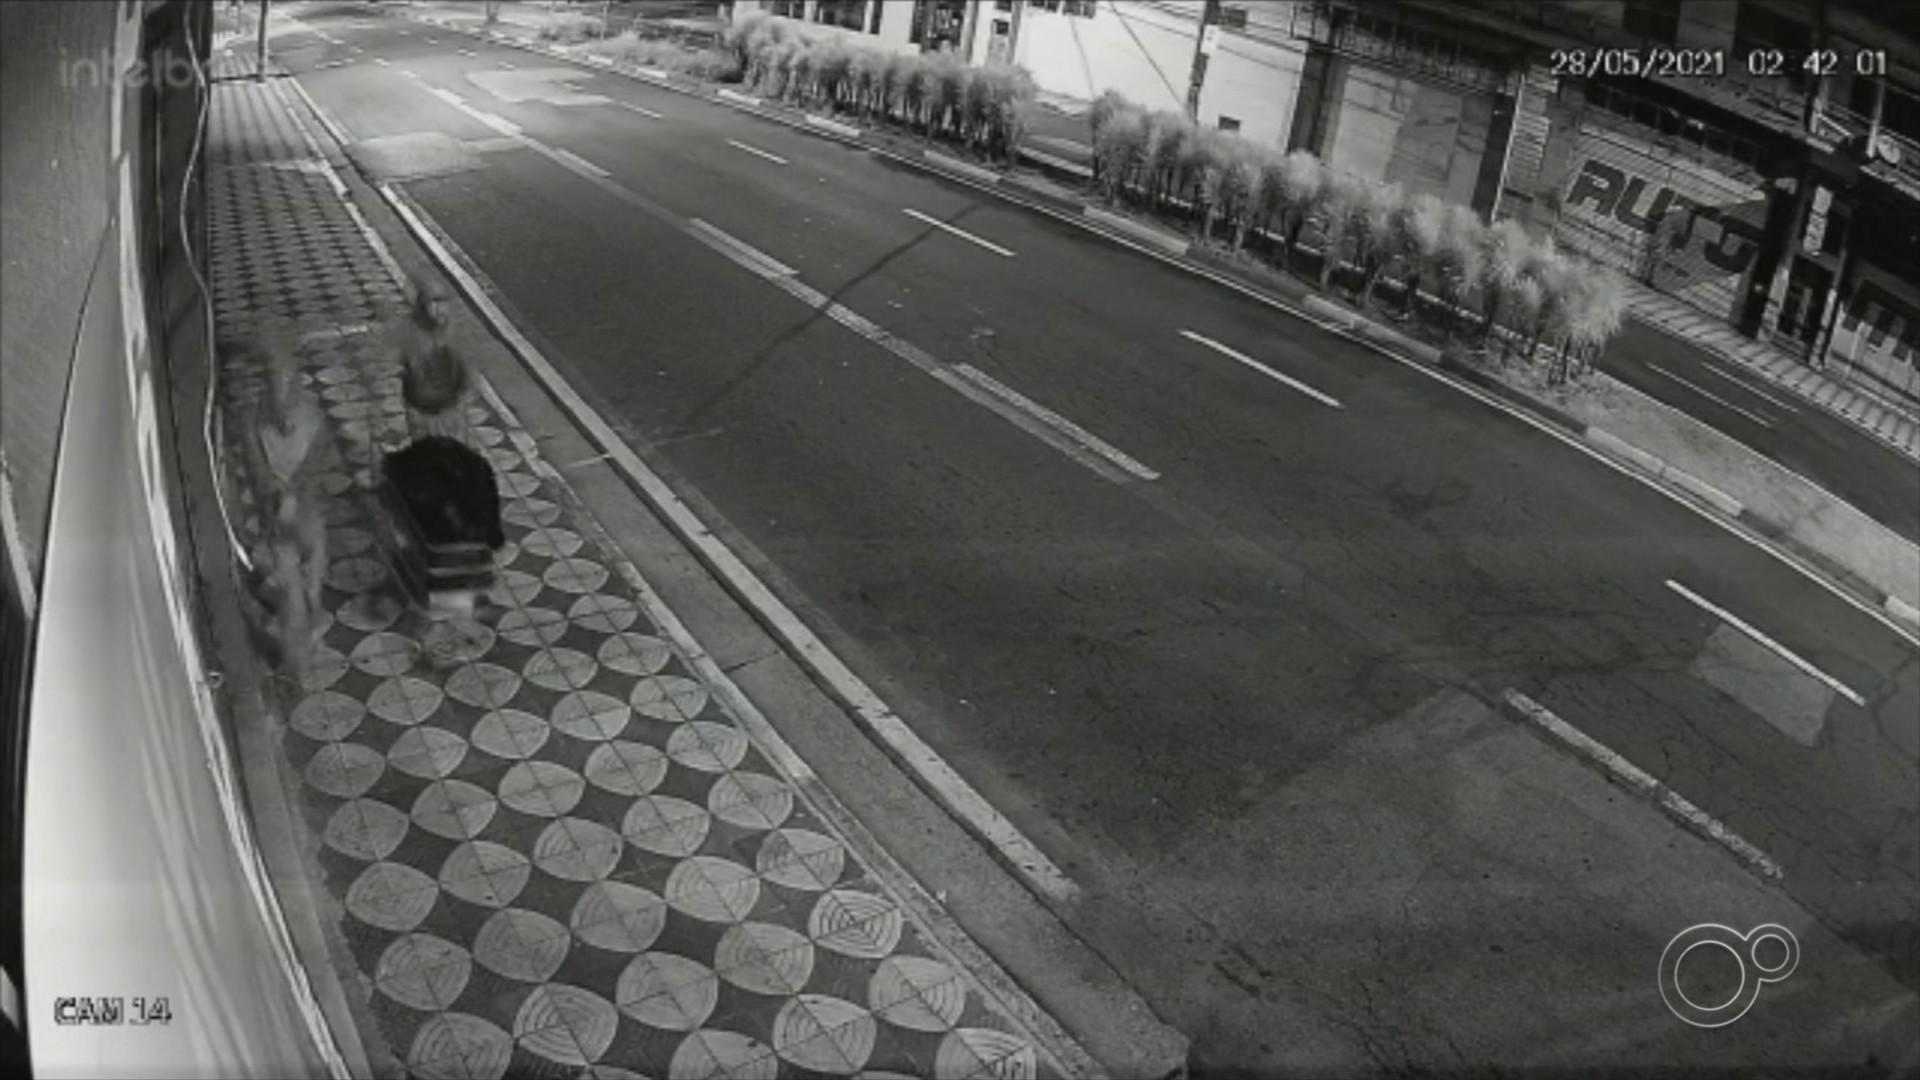 Aumento no número de furtos em avenida de Sorocaba preocupa moradores e comerciantes